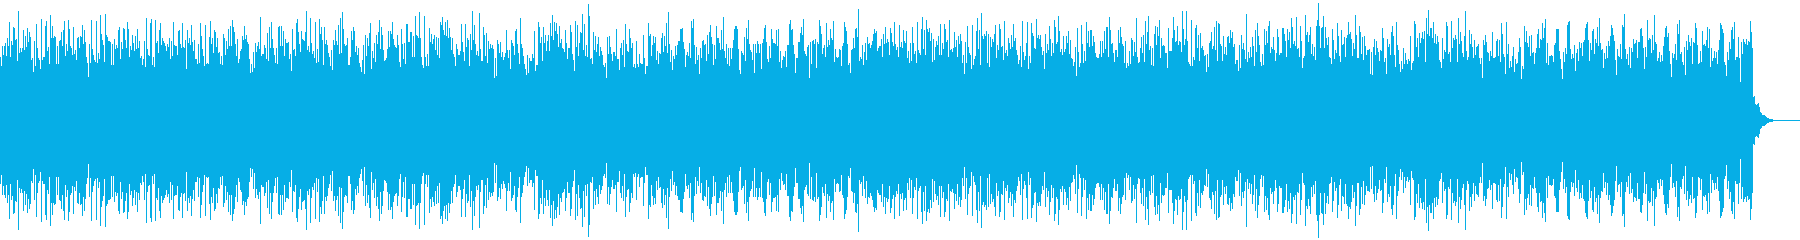 幻想的なピアノバラードです。の再生済みの波形